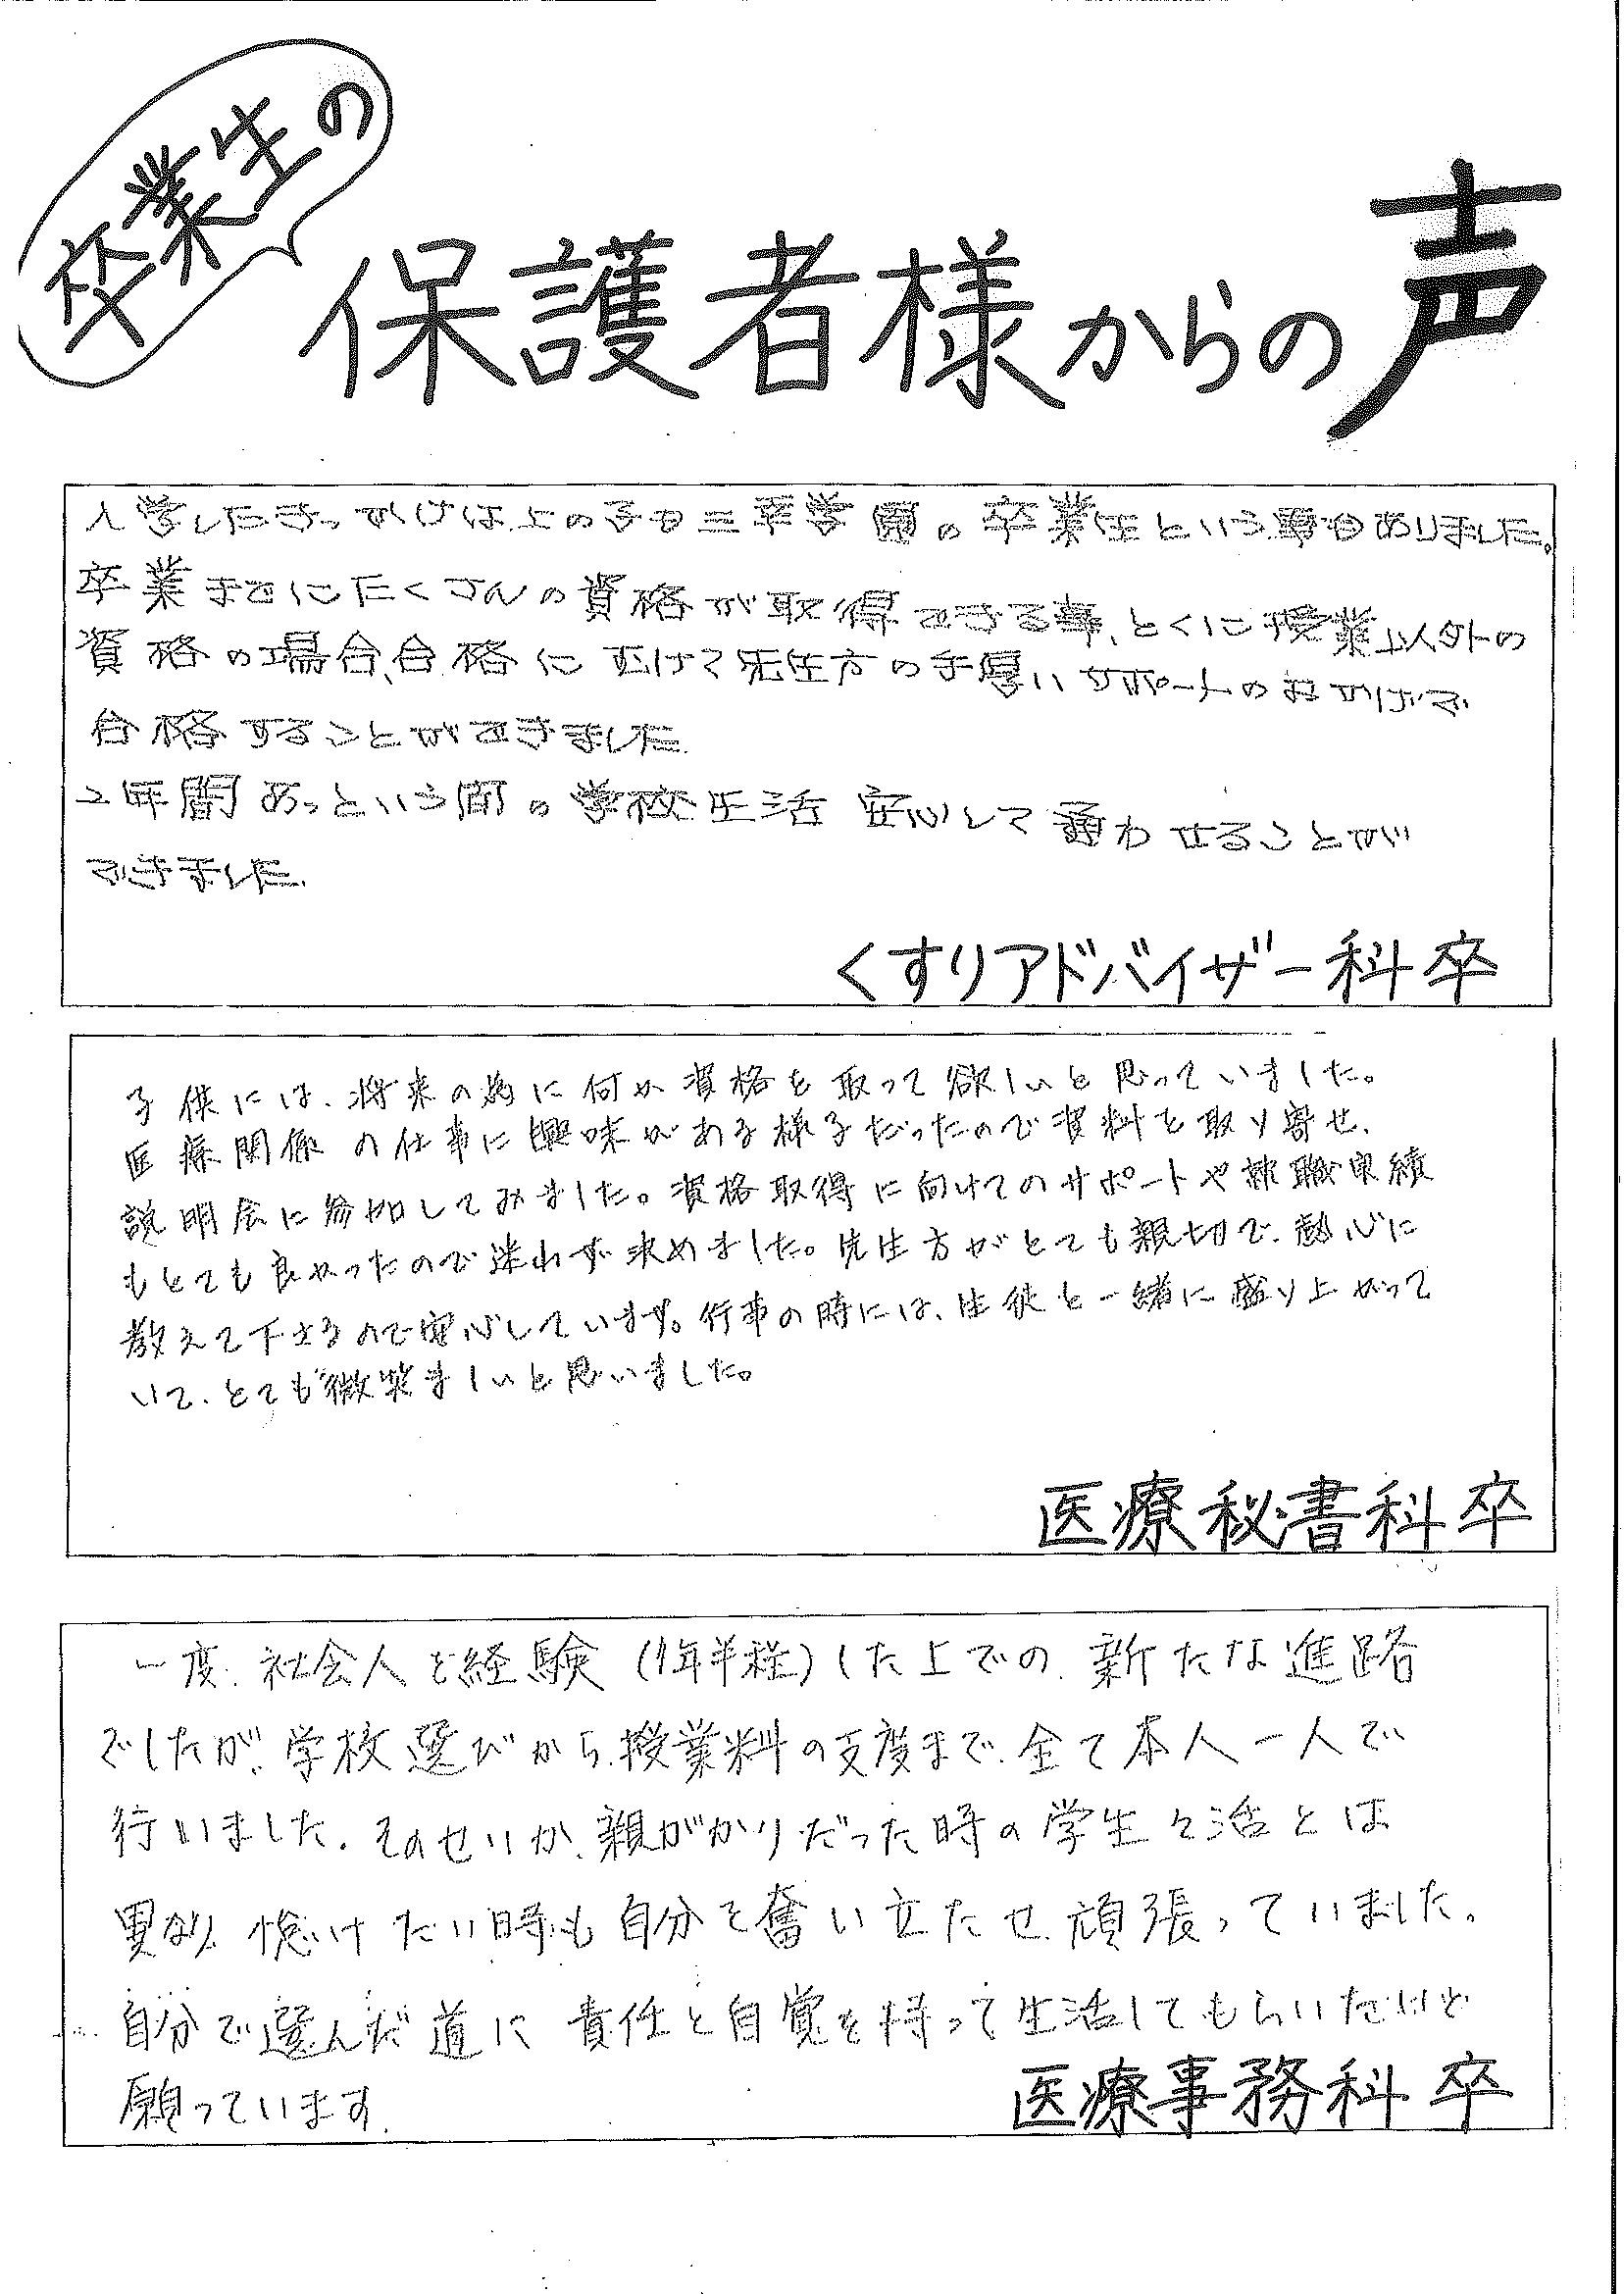 卒業生保護者コメント.jpg